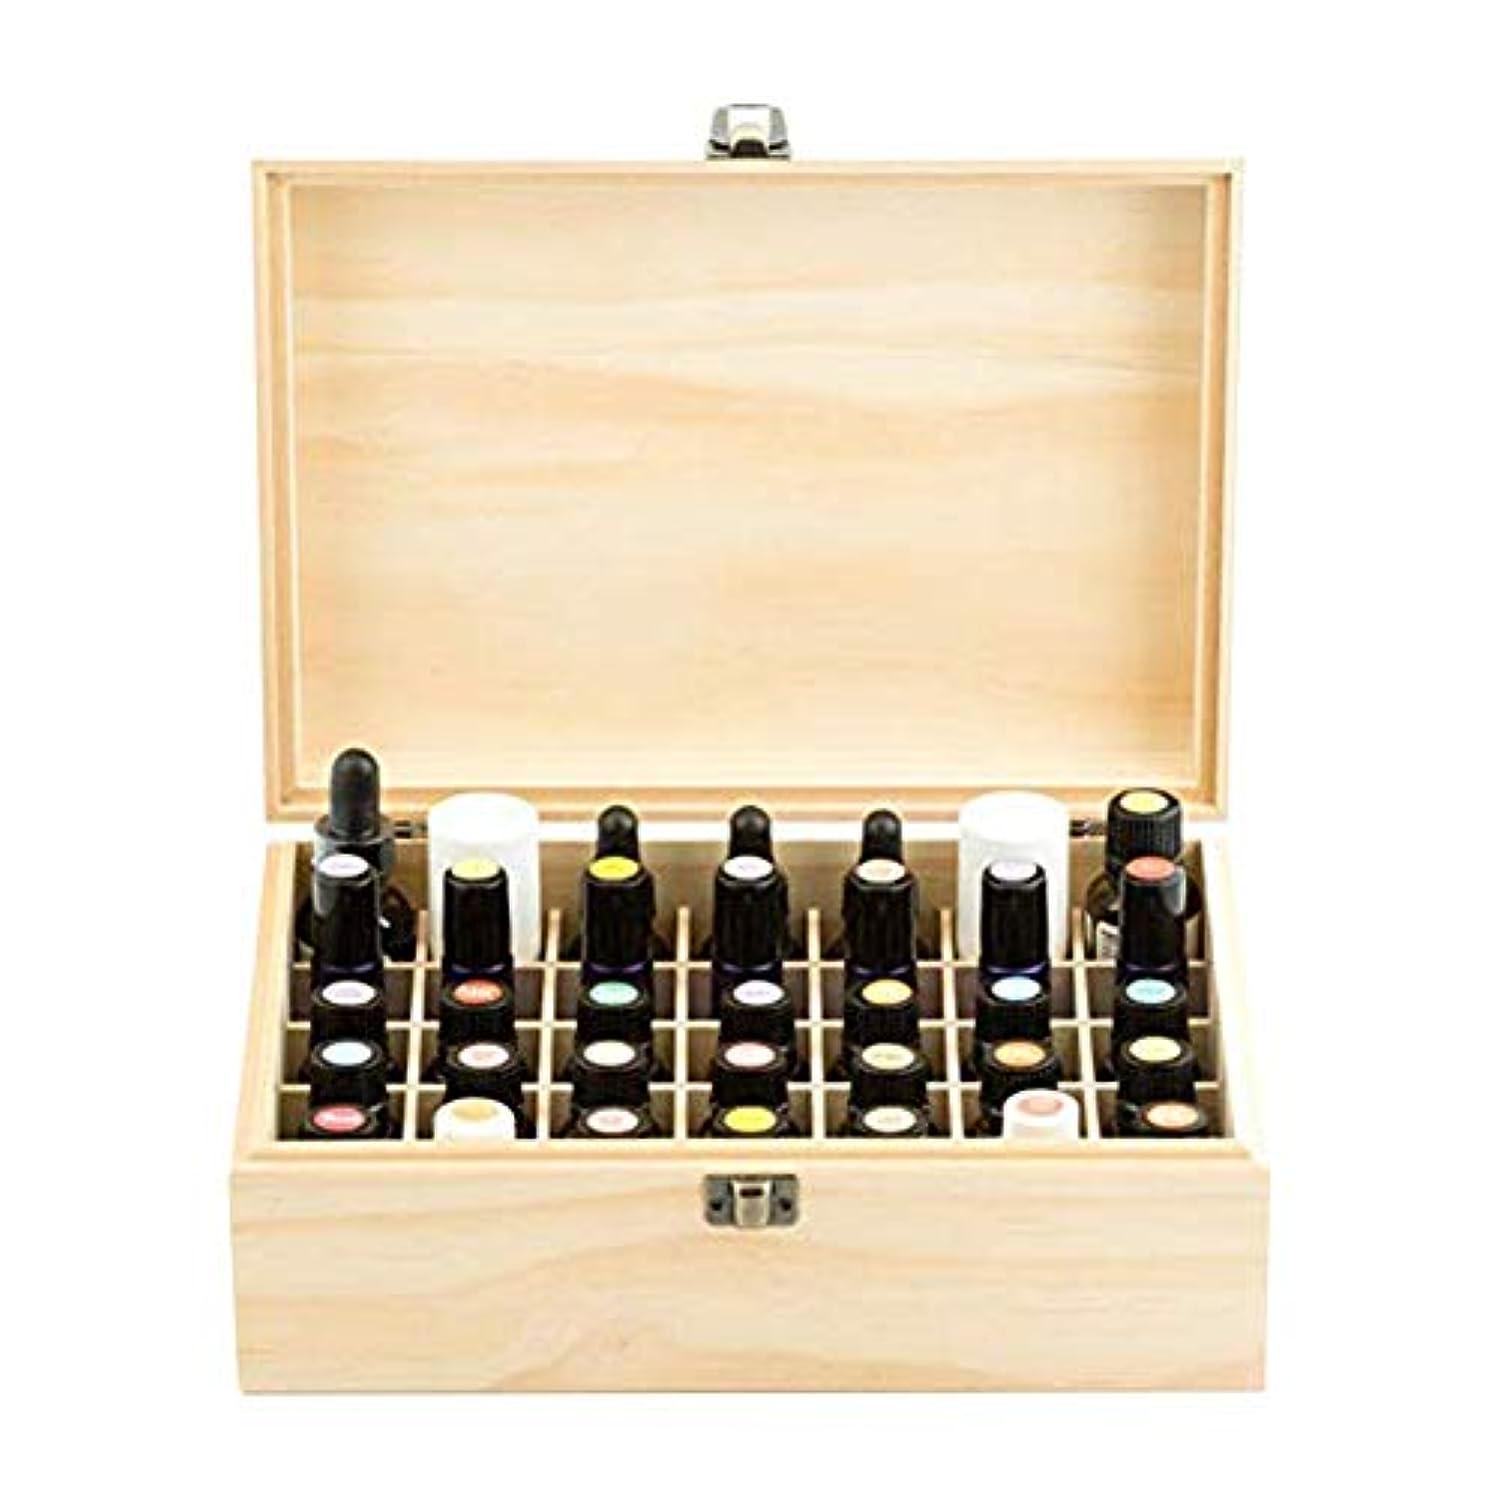 速度ラショナル命題エッセンシャルオイル収納ボックス 純木の精油の収納箱 香水収納ケース アロマオイル収納ボックス 35本用